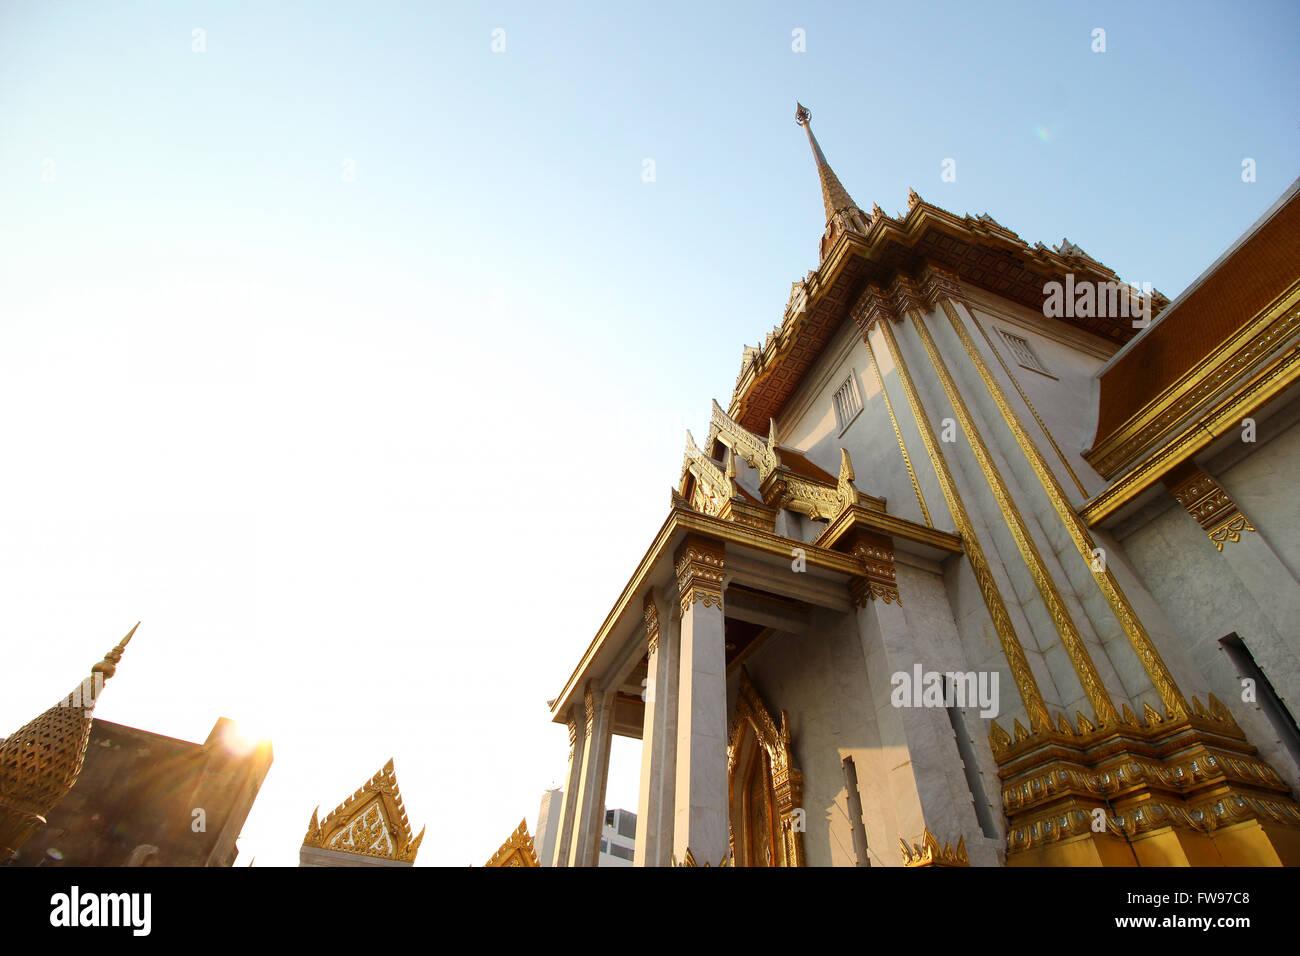 Looking at the majestic Wat Traimit, Bangkok, Thailand - Stock Image